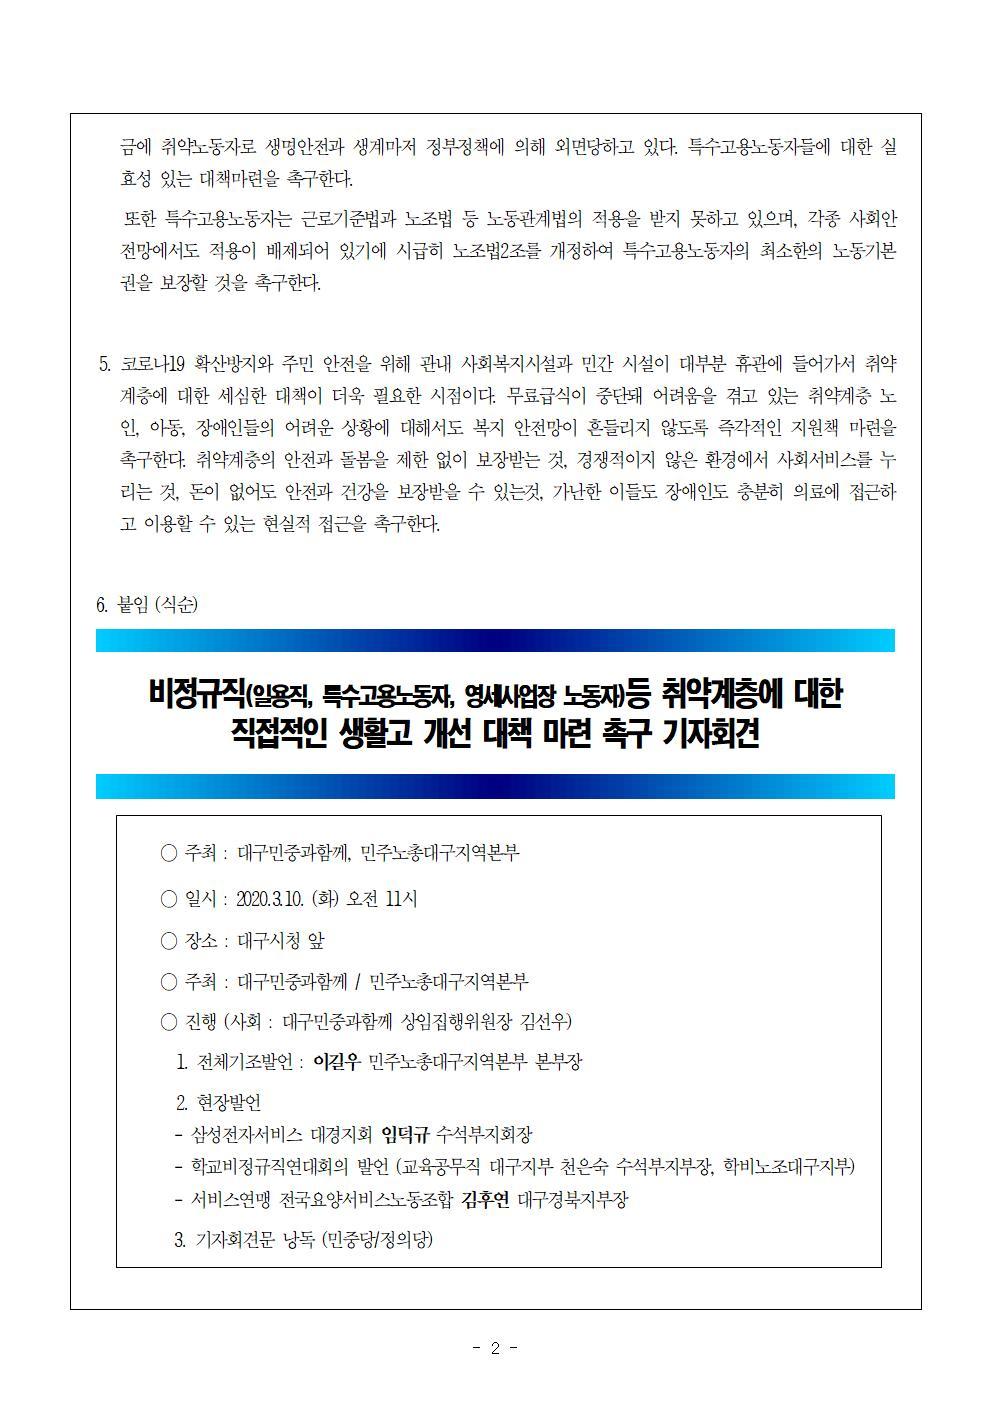 취재요청 0310코로나대응촉구 대구기자회견002.jpg